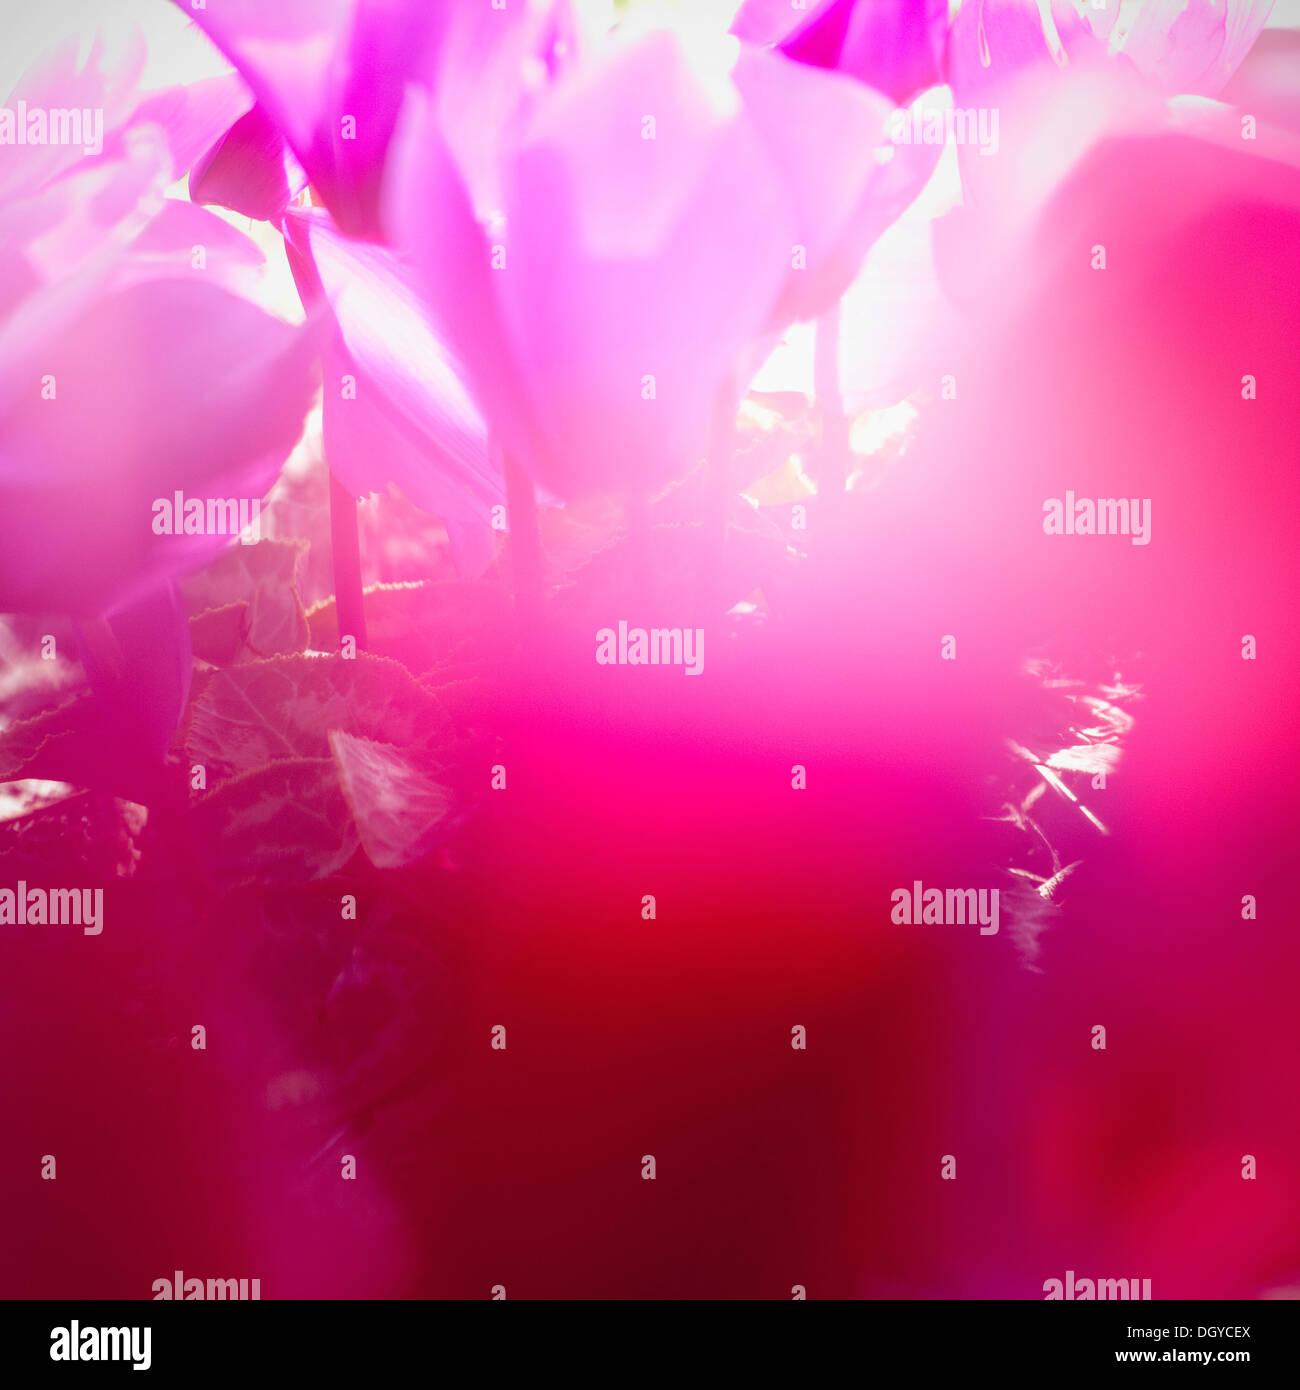 Lebendige Magenta Cyclamen in voller Blüte, Weichzeichner, Nahaufnahme Stockbild